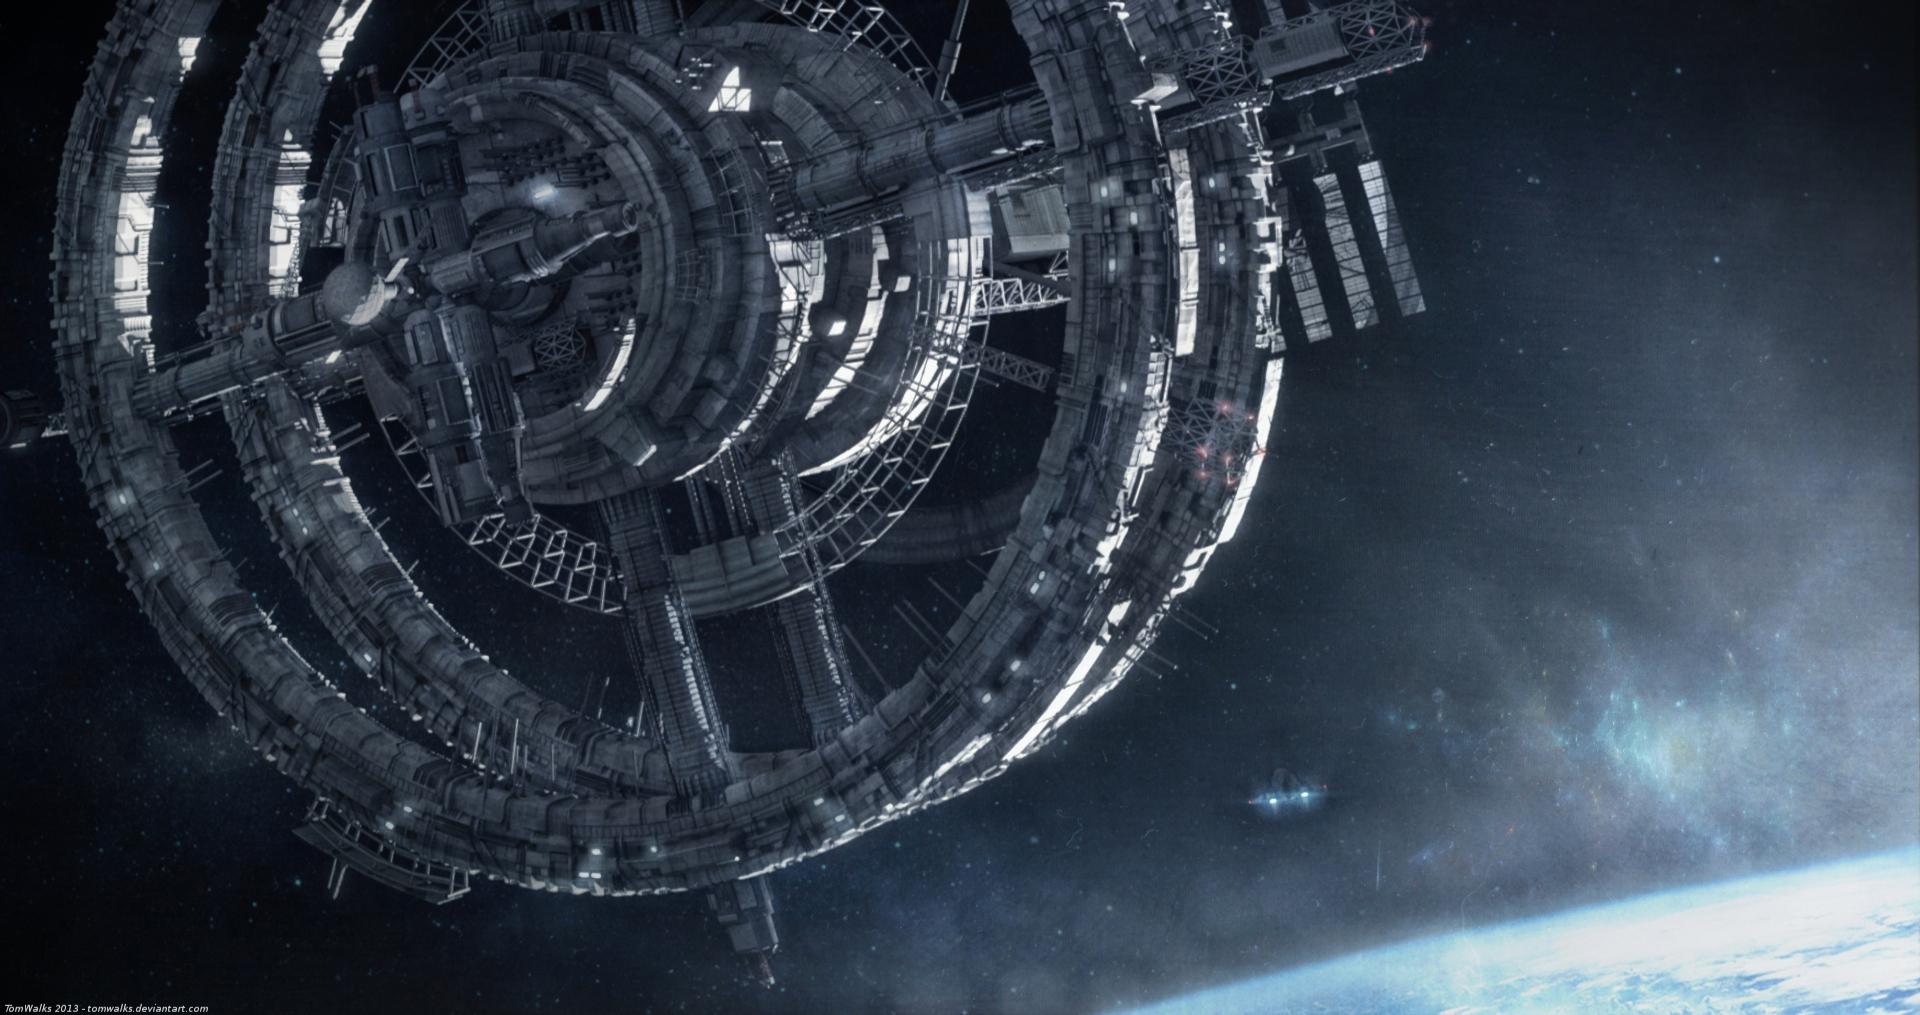 Space Station (Blender + Gimp) by TomWalks on DeviantArt